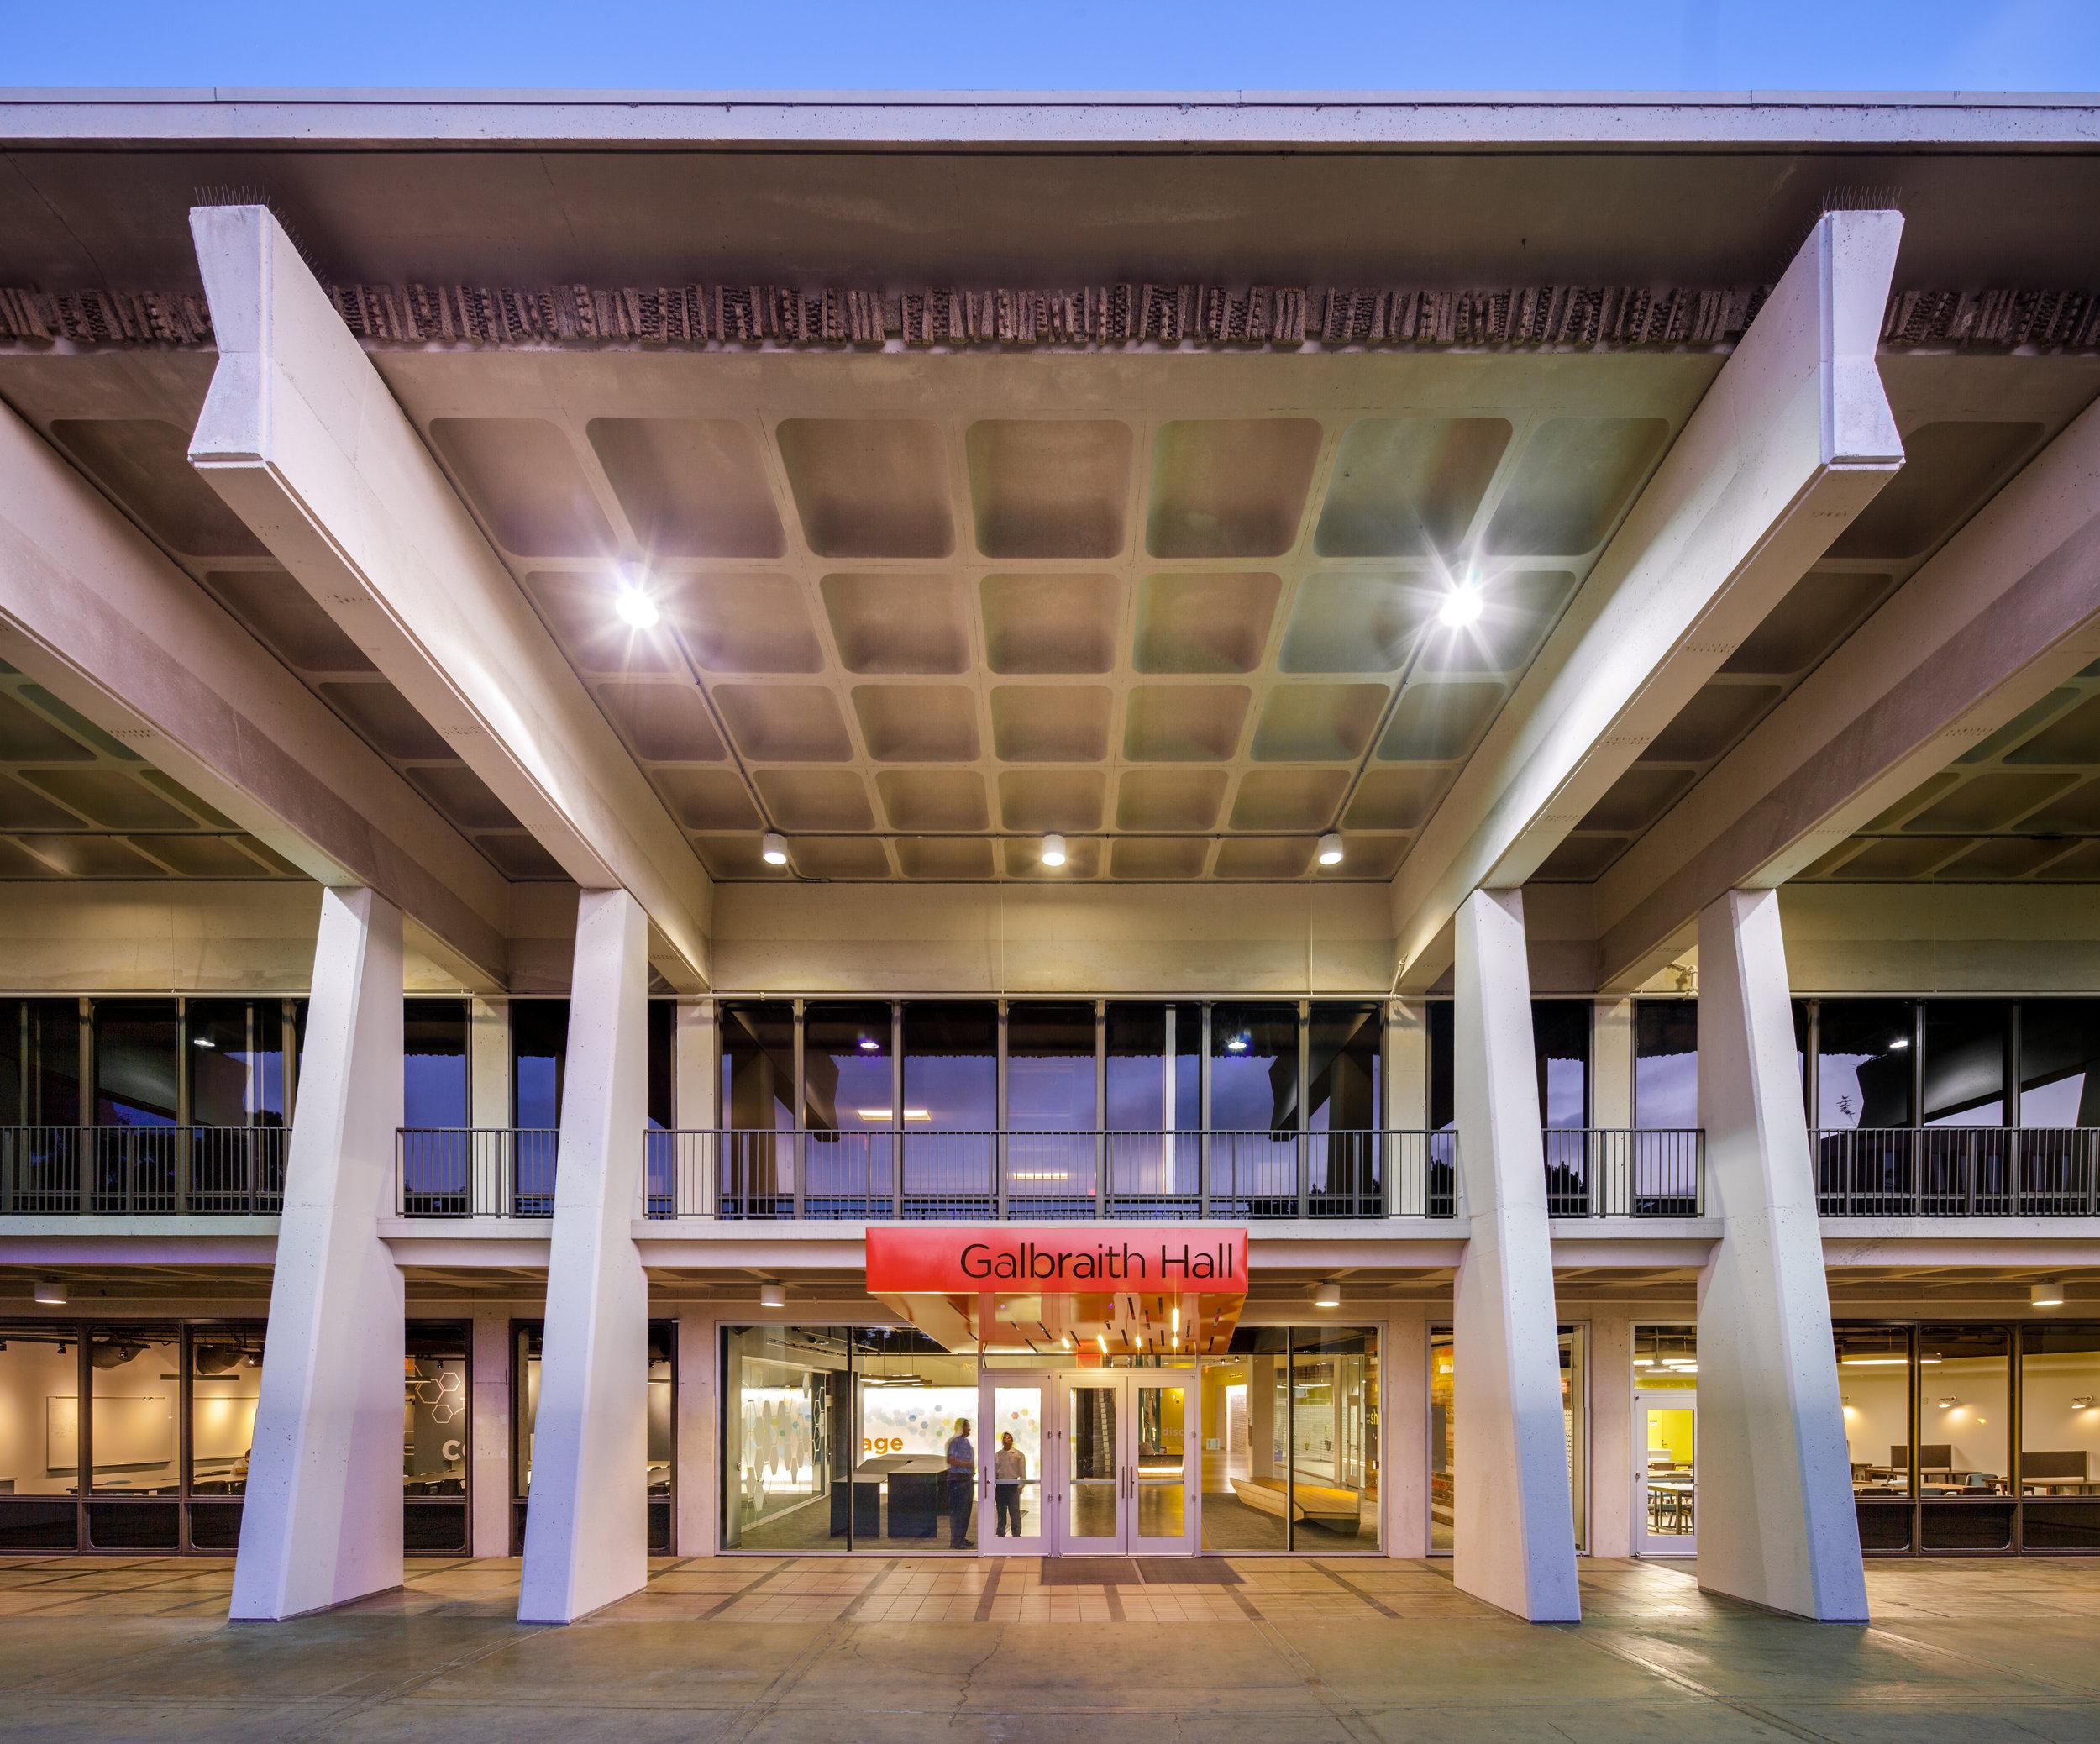 UCSD Galbraith Hall